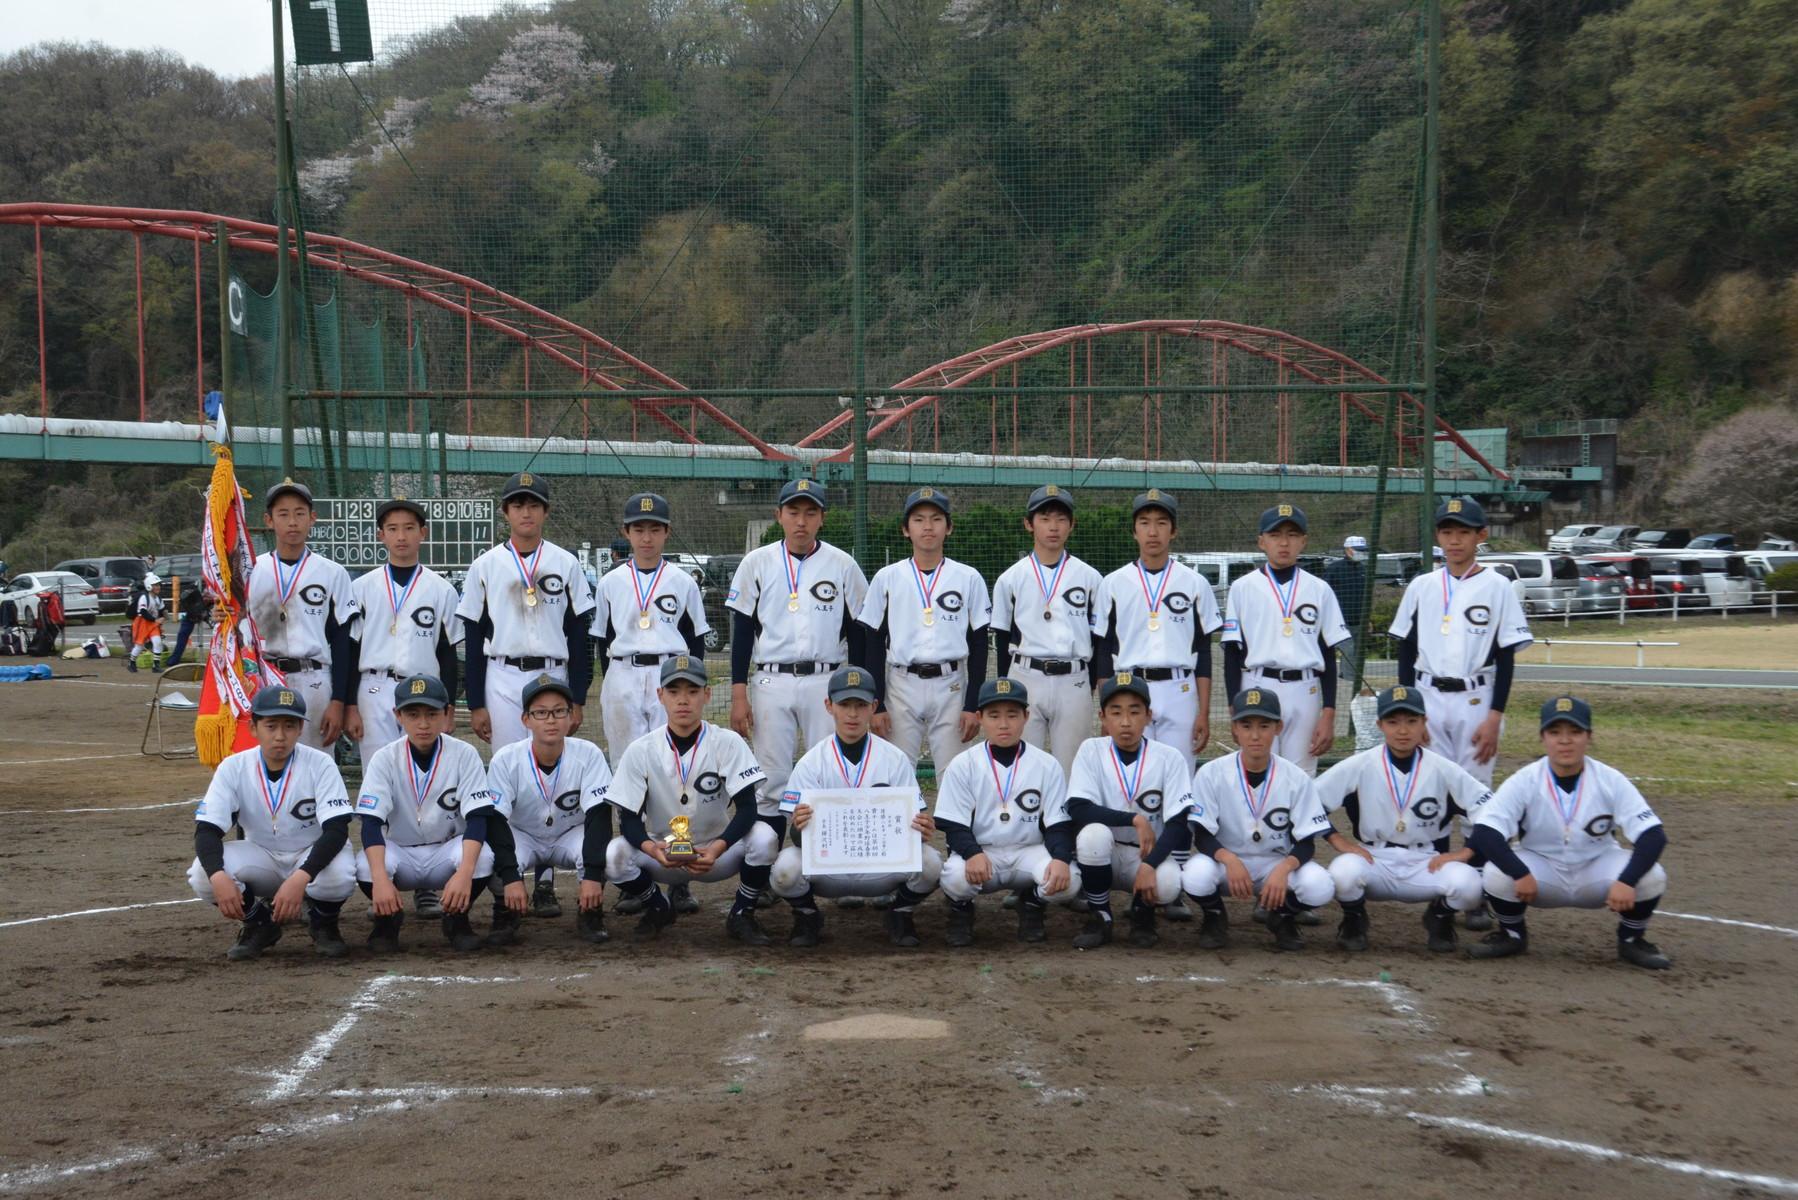 第46回八王子市少年軟式野球・春季大会 優勝:WJHBC 令和3年3月28日